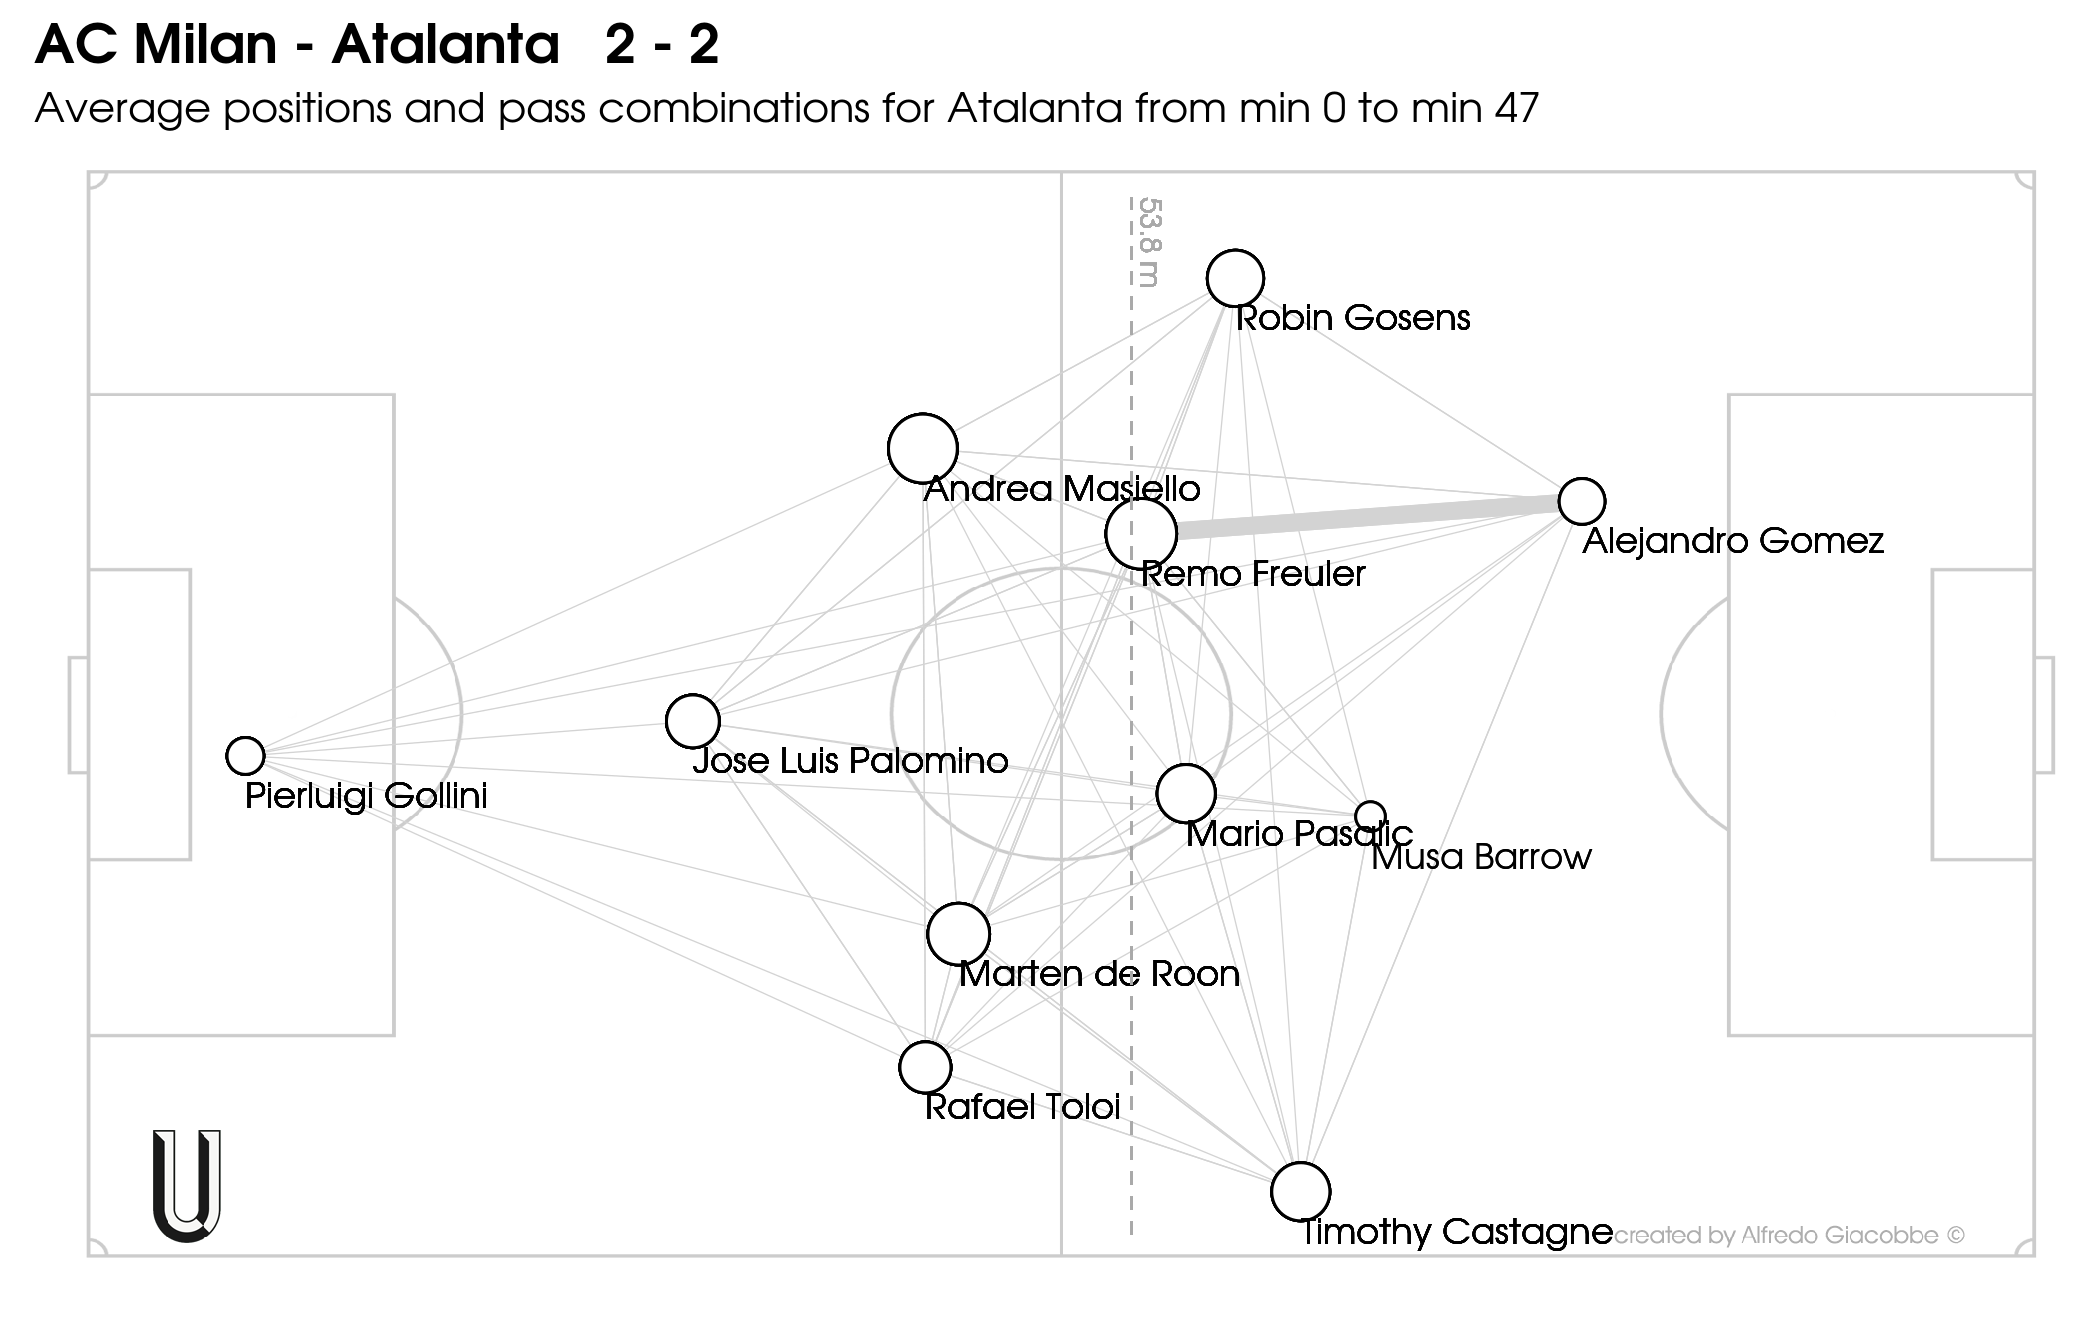 AC-Milan-Atalanta-2-2-away-passmatrix1